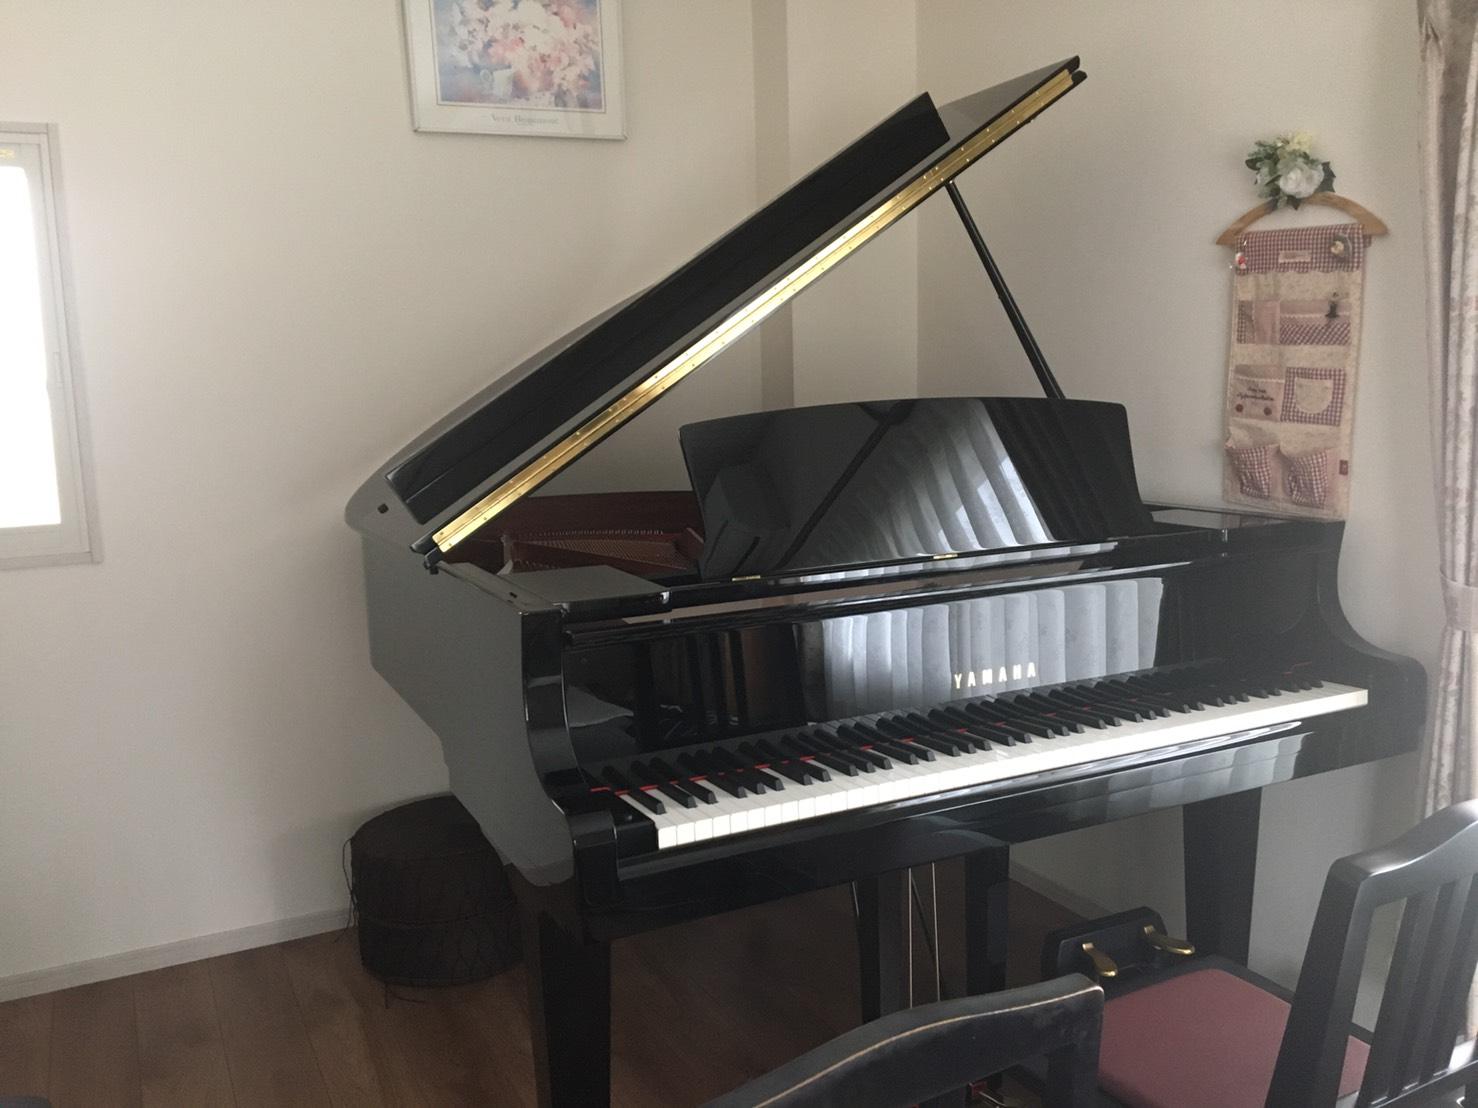 ひたちなか市のピアノ教室:さくらピアノ音楽教室(市毛教室)